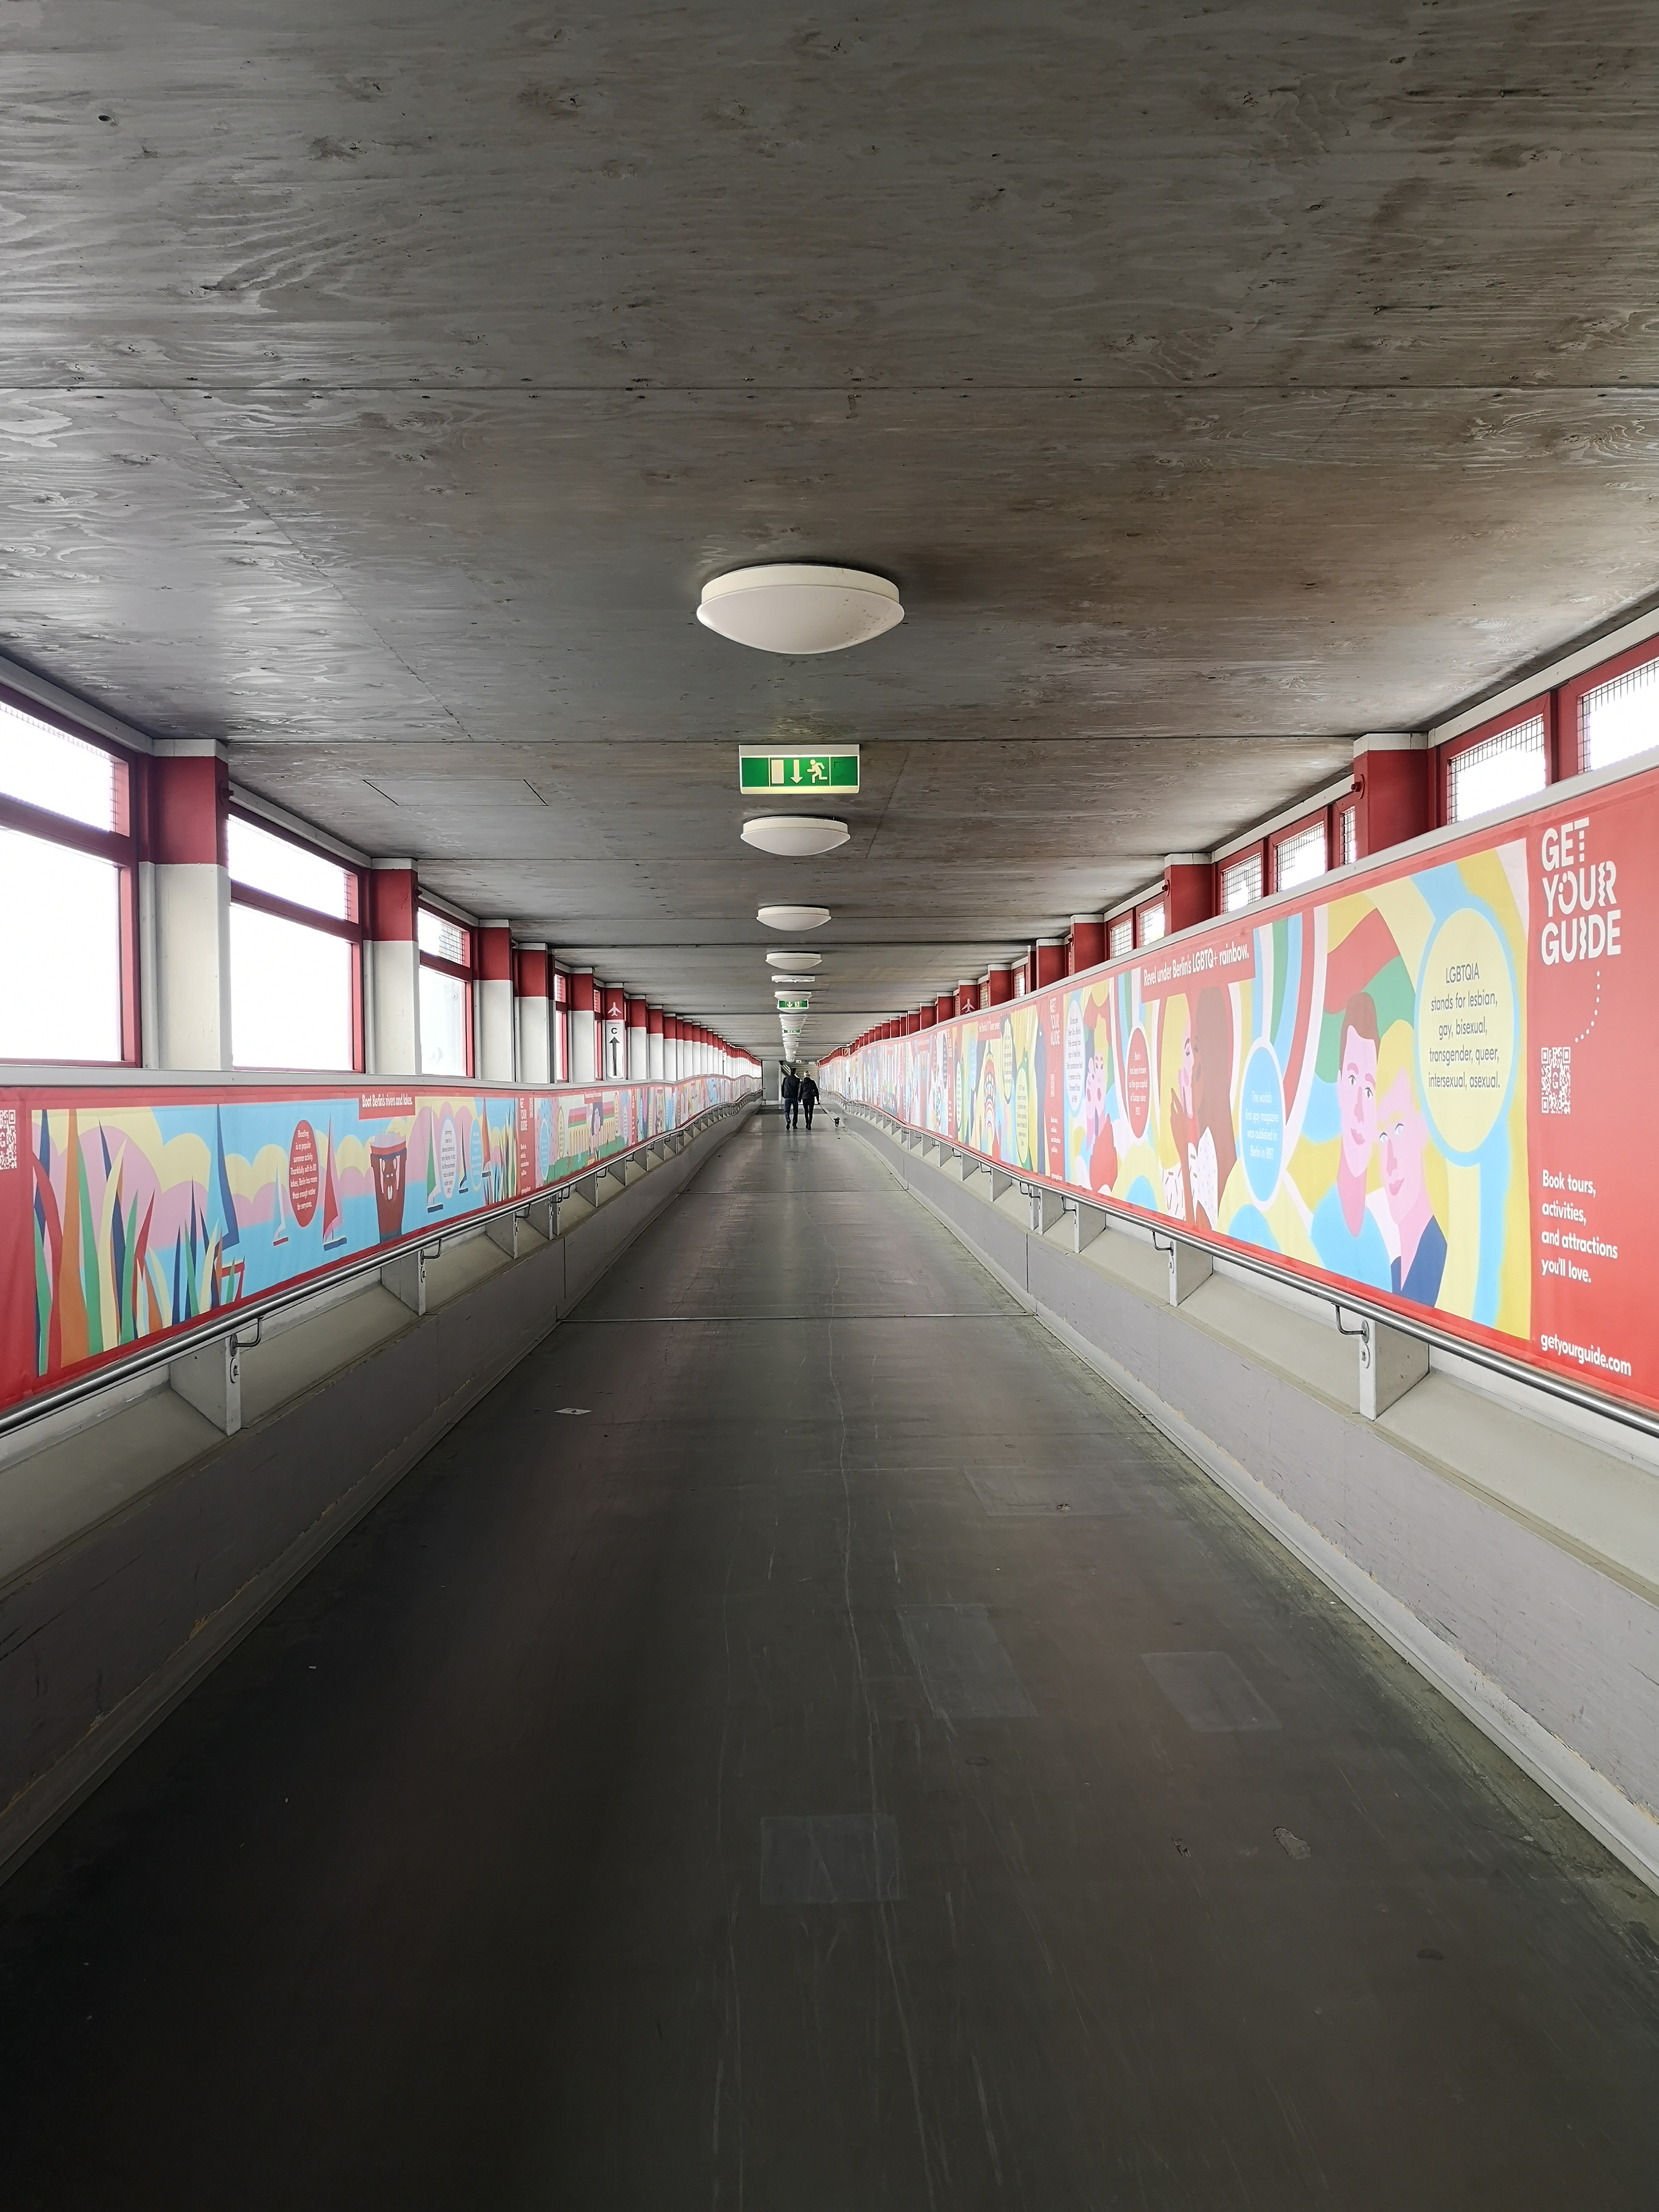 Flughafen-Tegel-Berlin-Schliessung gang zum terminal c